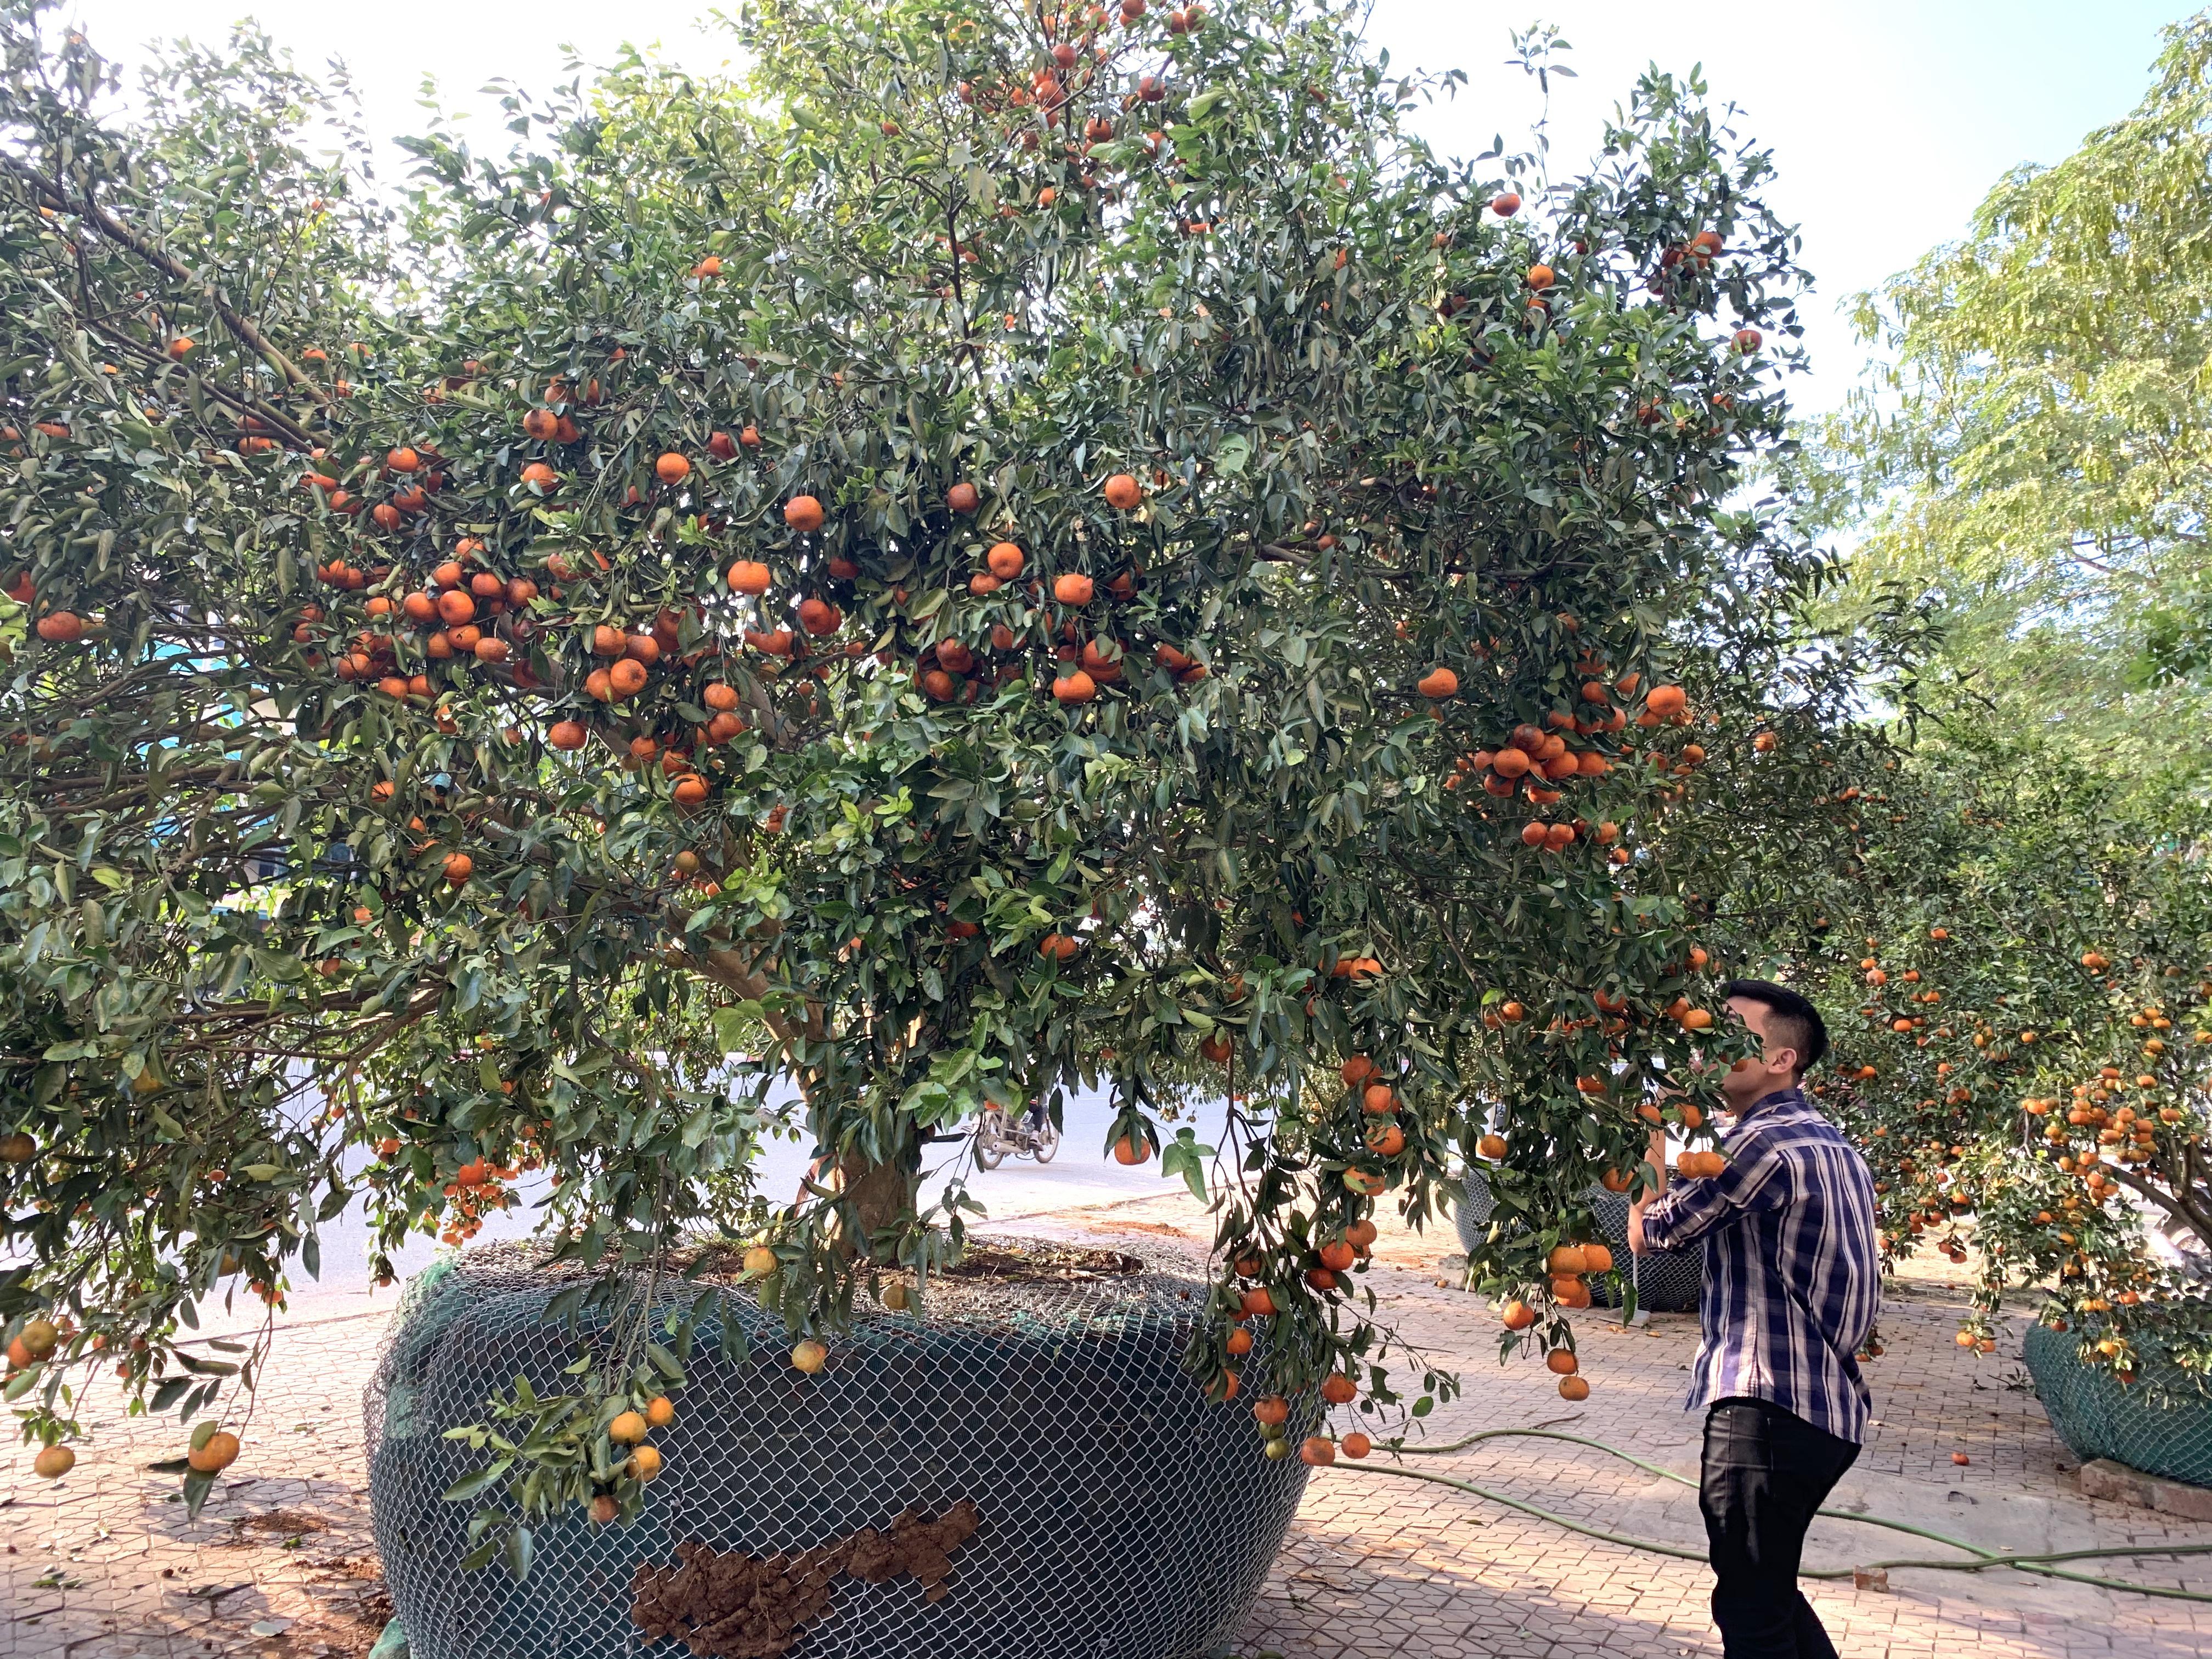 Chiêm ngưỡng cây quýt cổ thụ chưng Tết được đào từ rừng về có giá 100 triệu đồng - Ảnh 3.